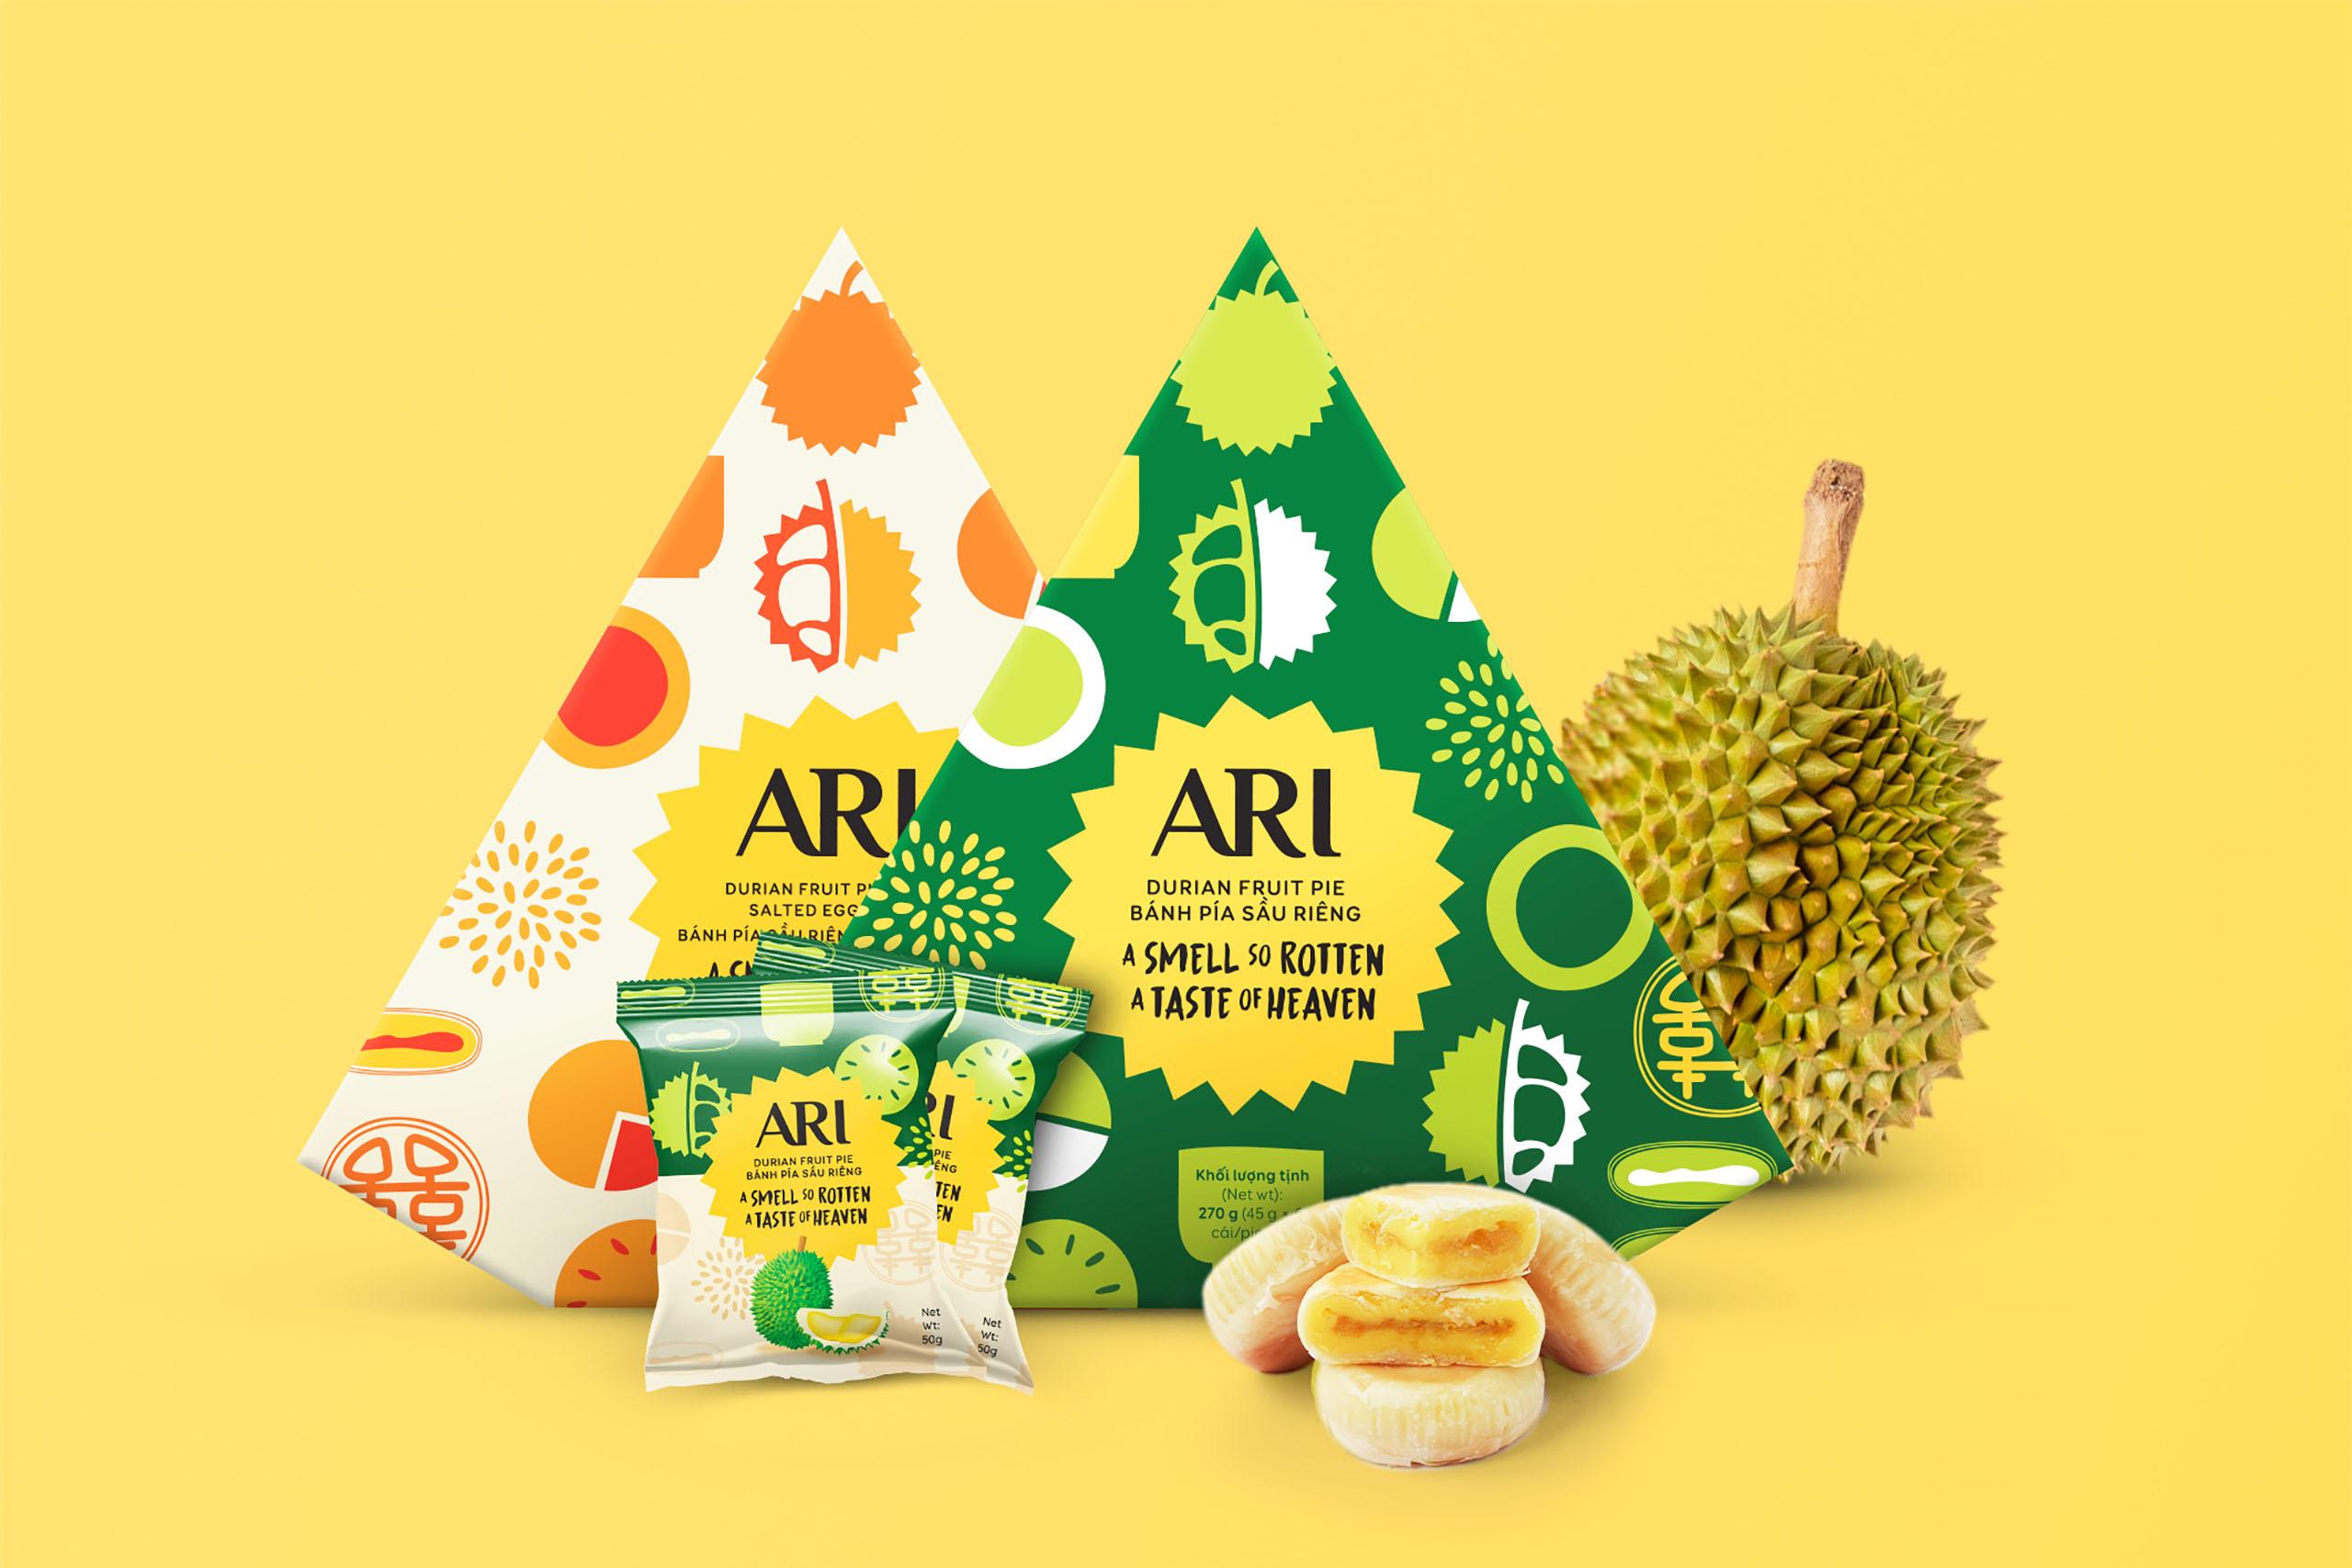 Ari Durian Fruit Pie